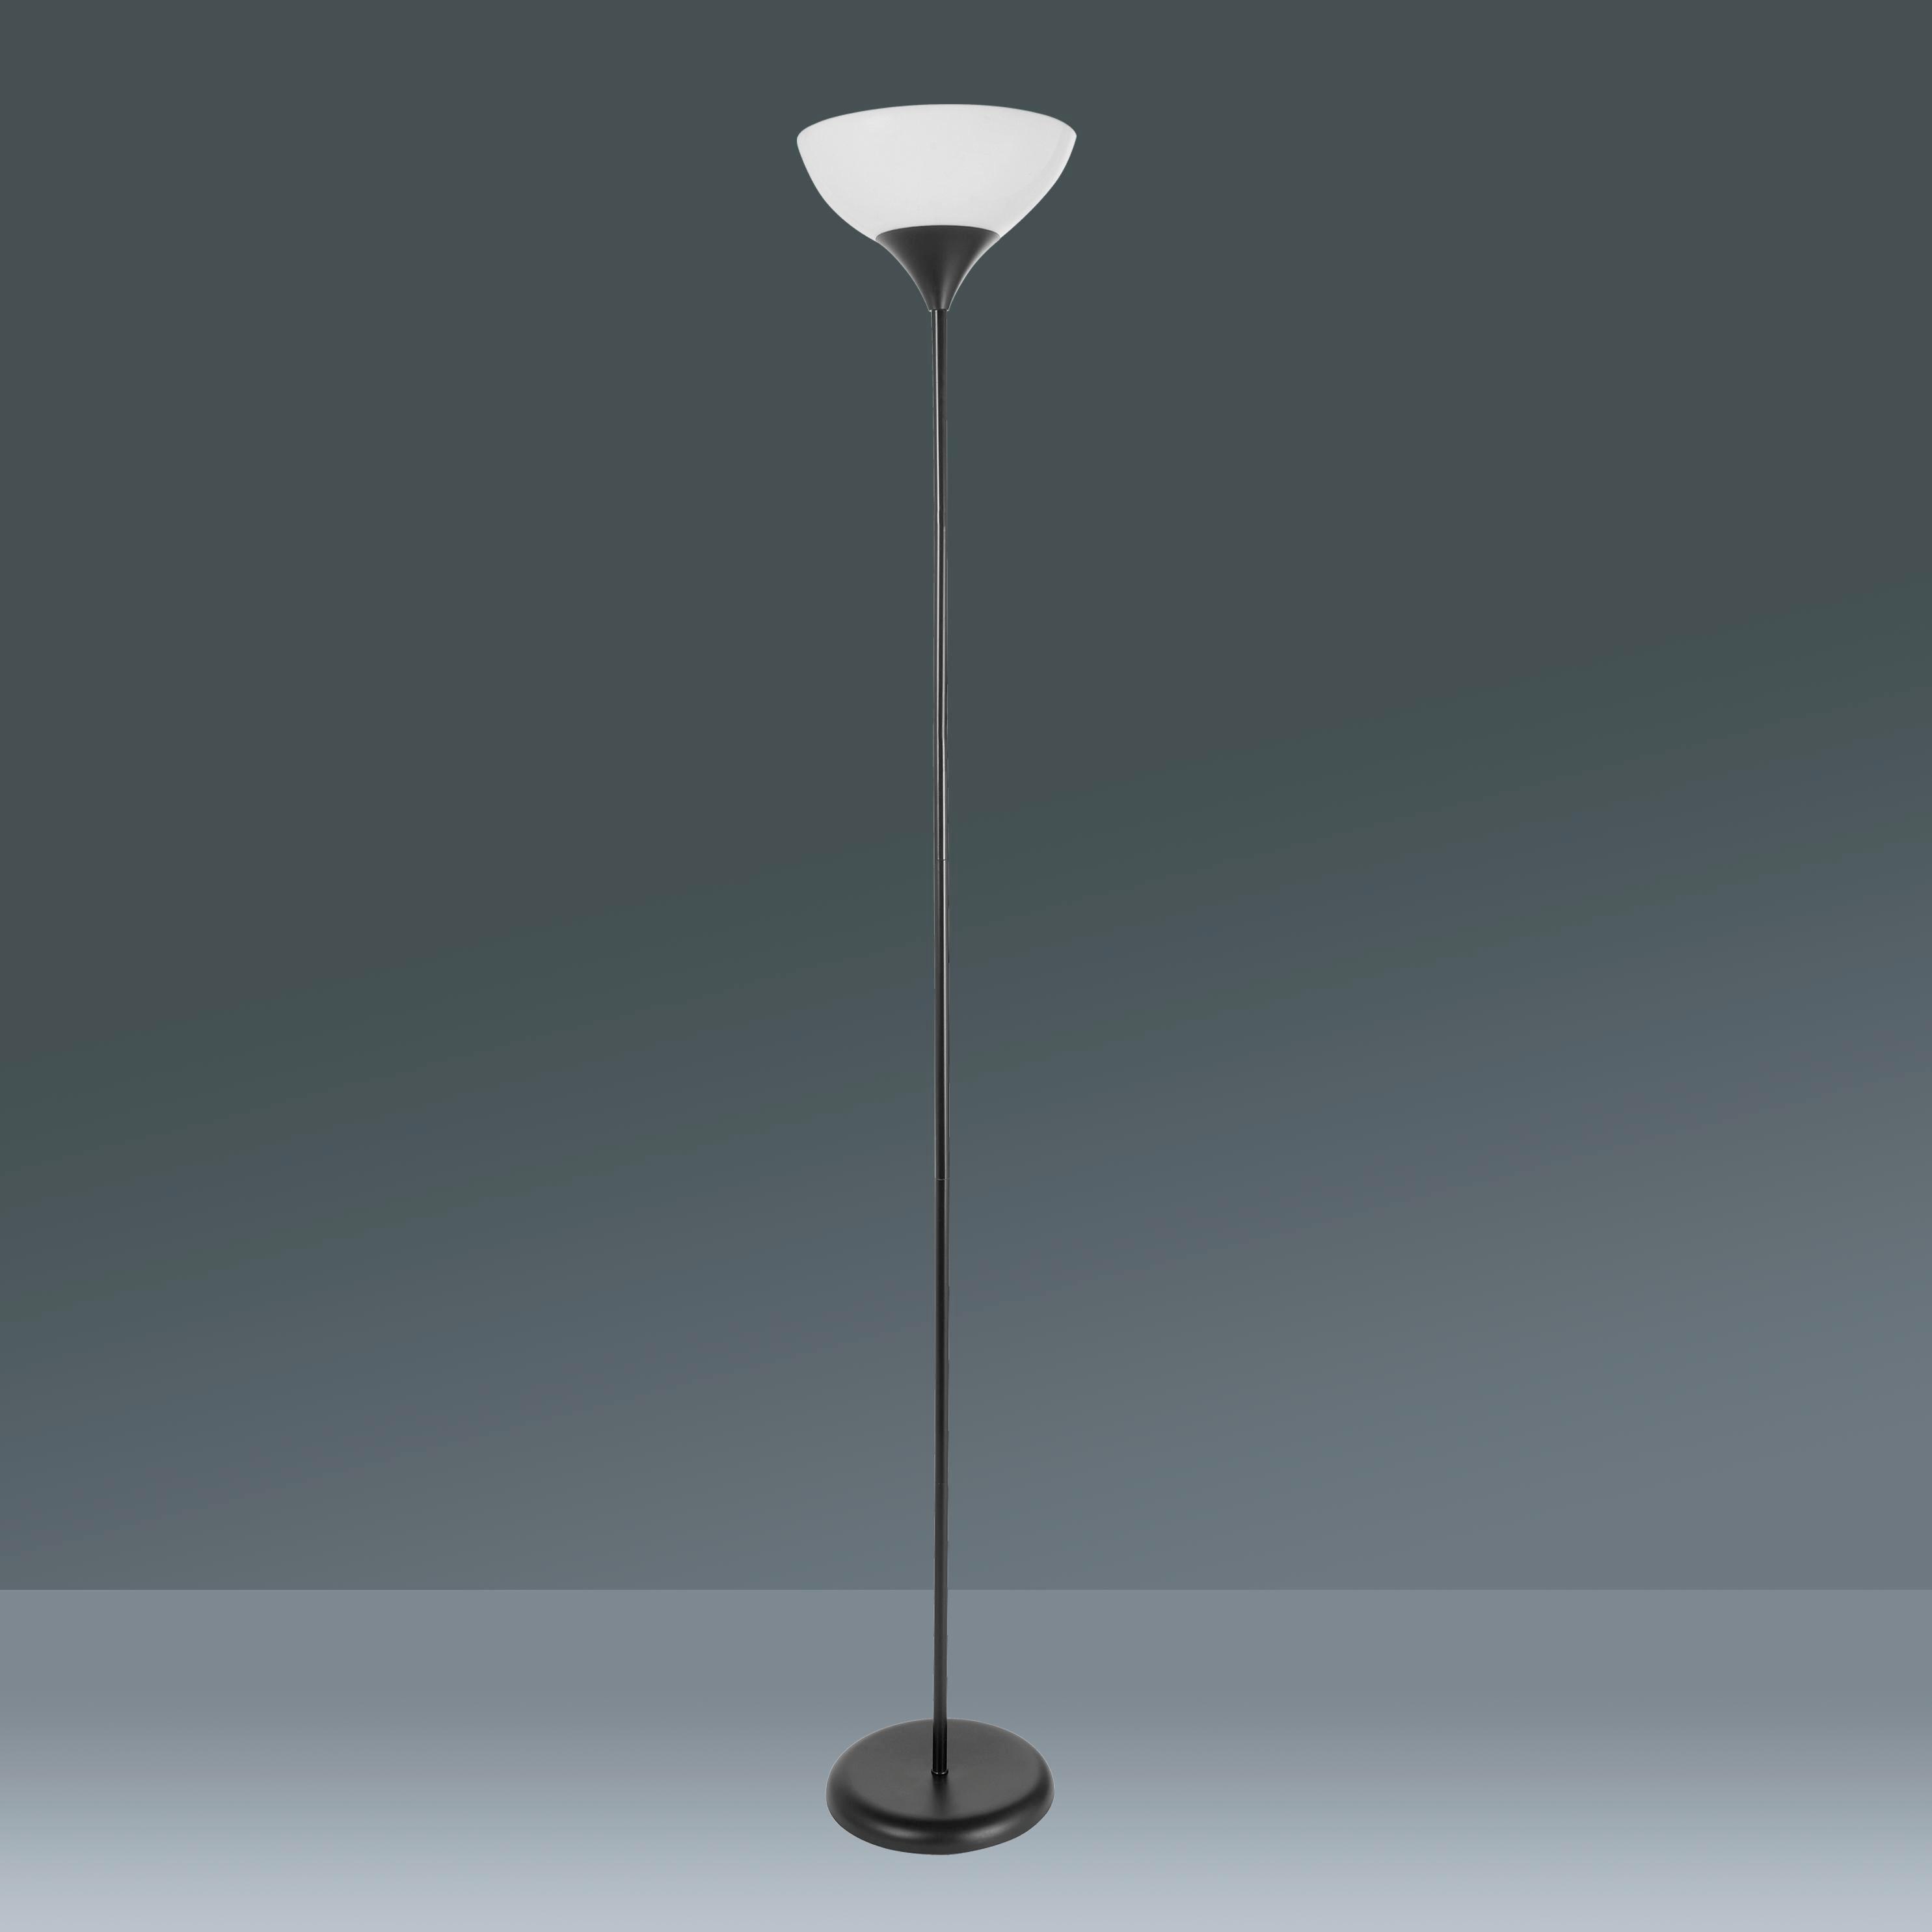 Stehleuchte Vanessa, max. 60 Watt - Schwarz/Weiß, KONVENTIONELL, Kunststoff/Metall (28/175cm) - MÖMAX modern living